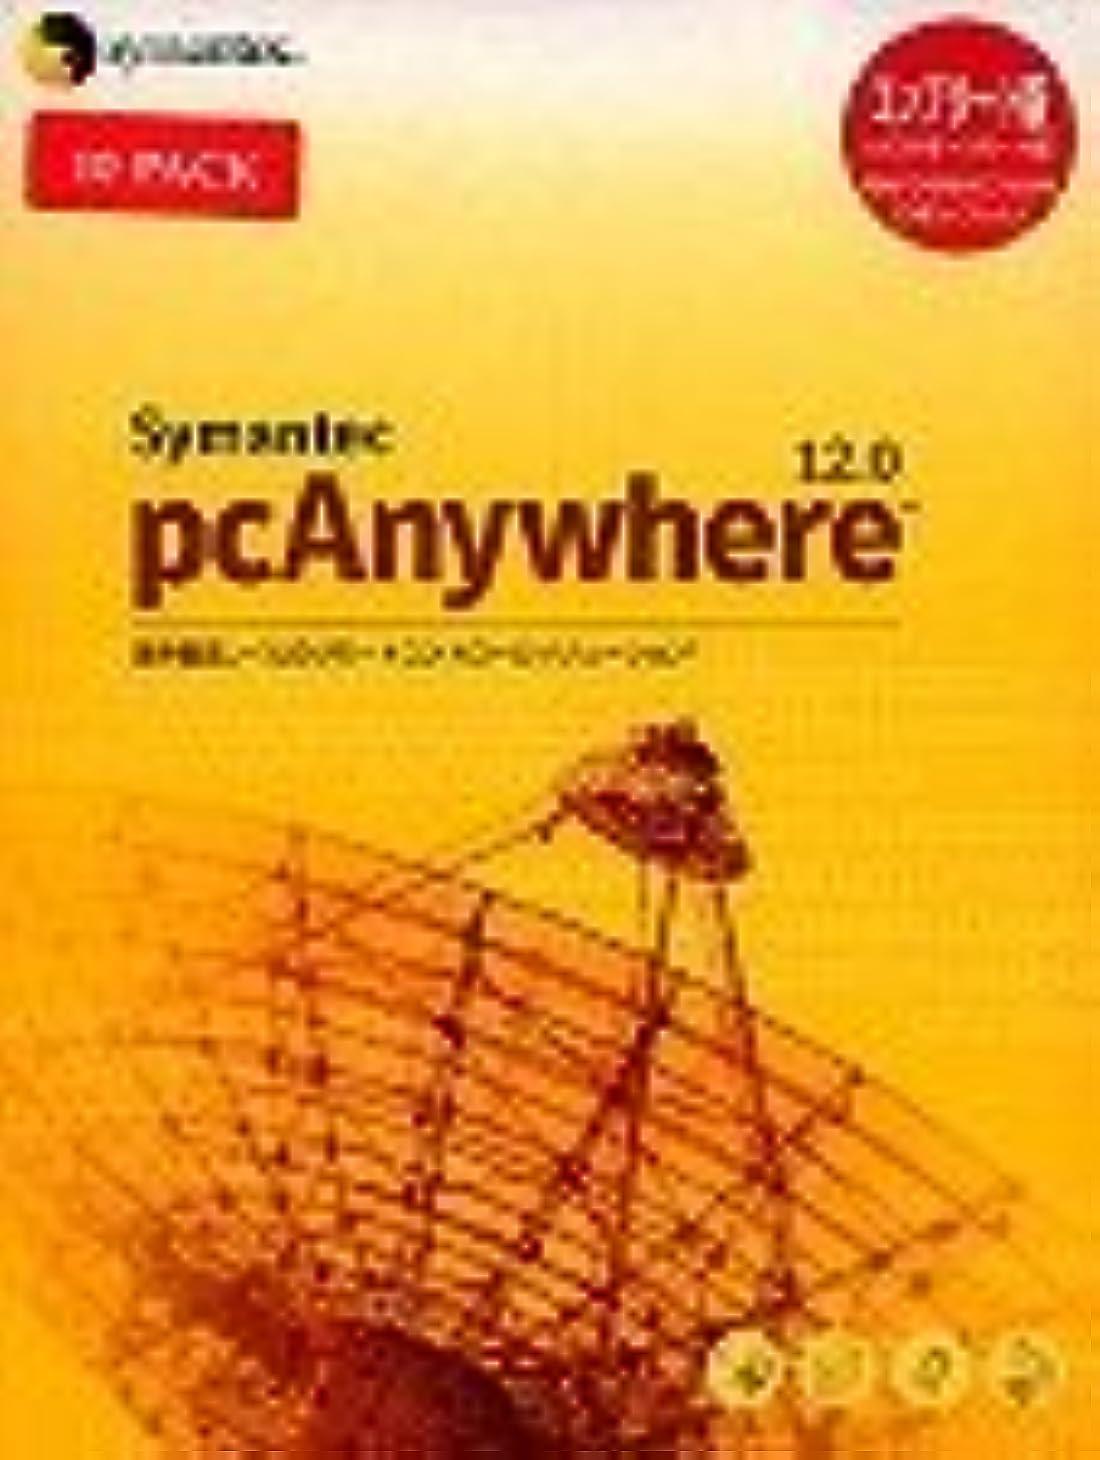 謎めいたアカデミック採用【旧商品】Symantec pcAnywhere 12.0J Complete 10pack版